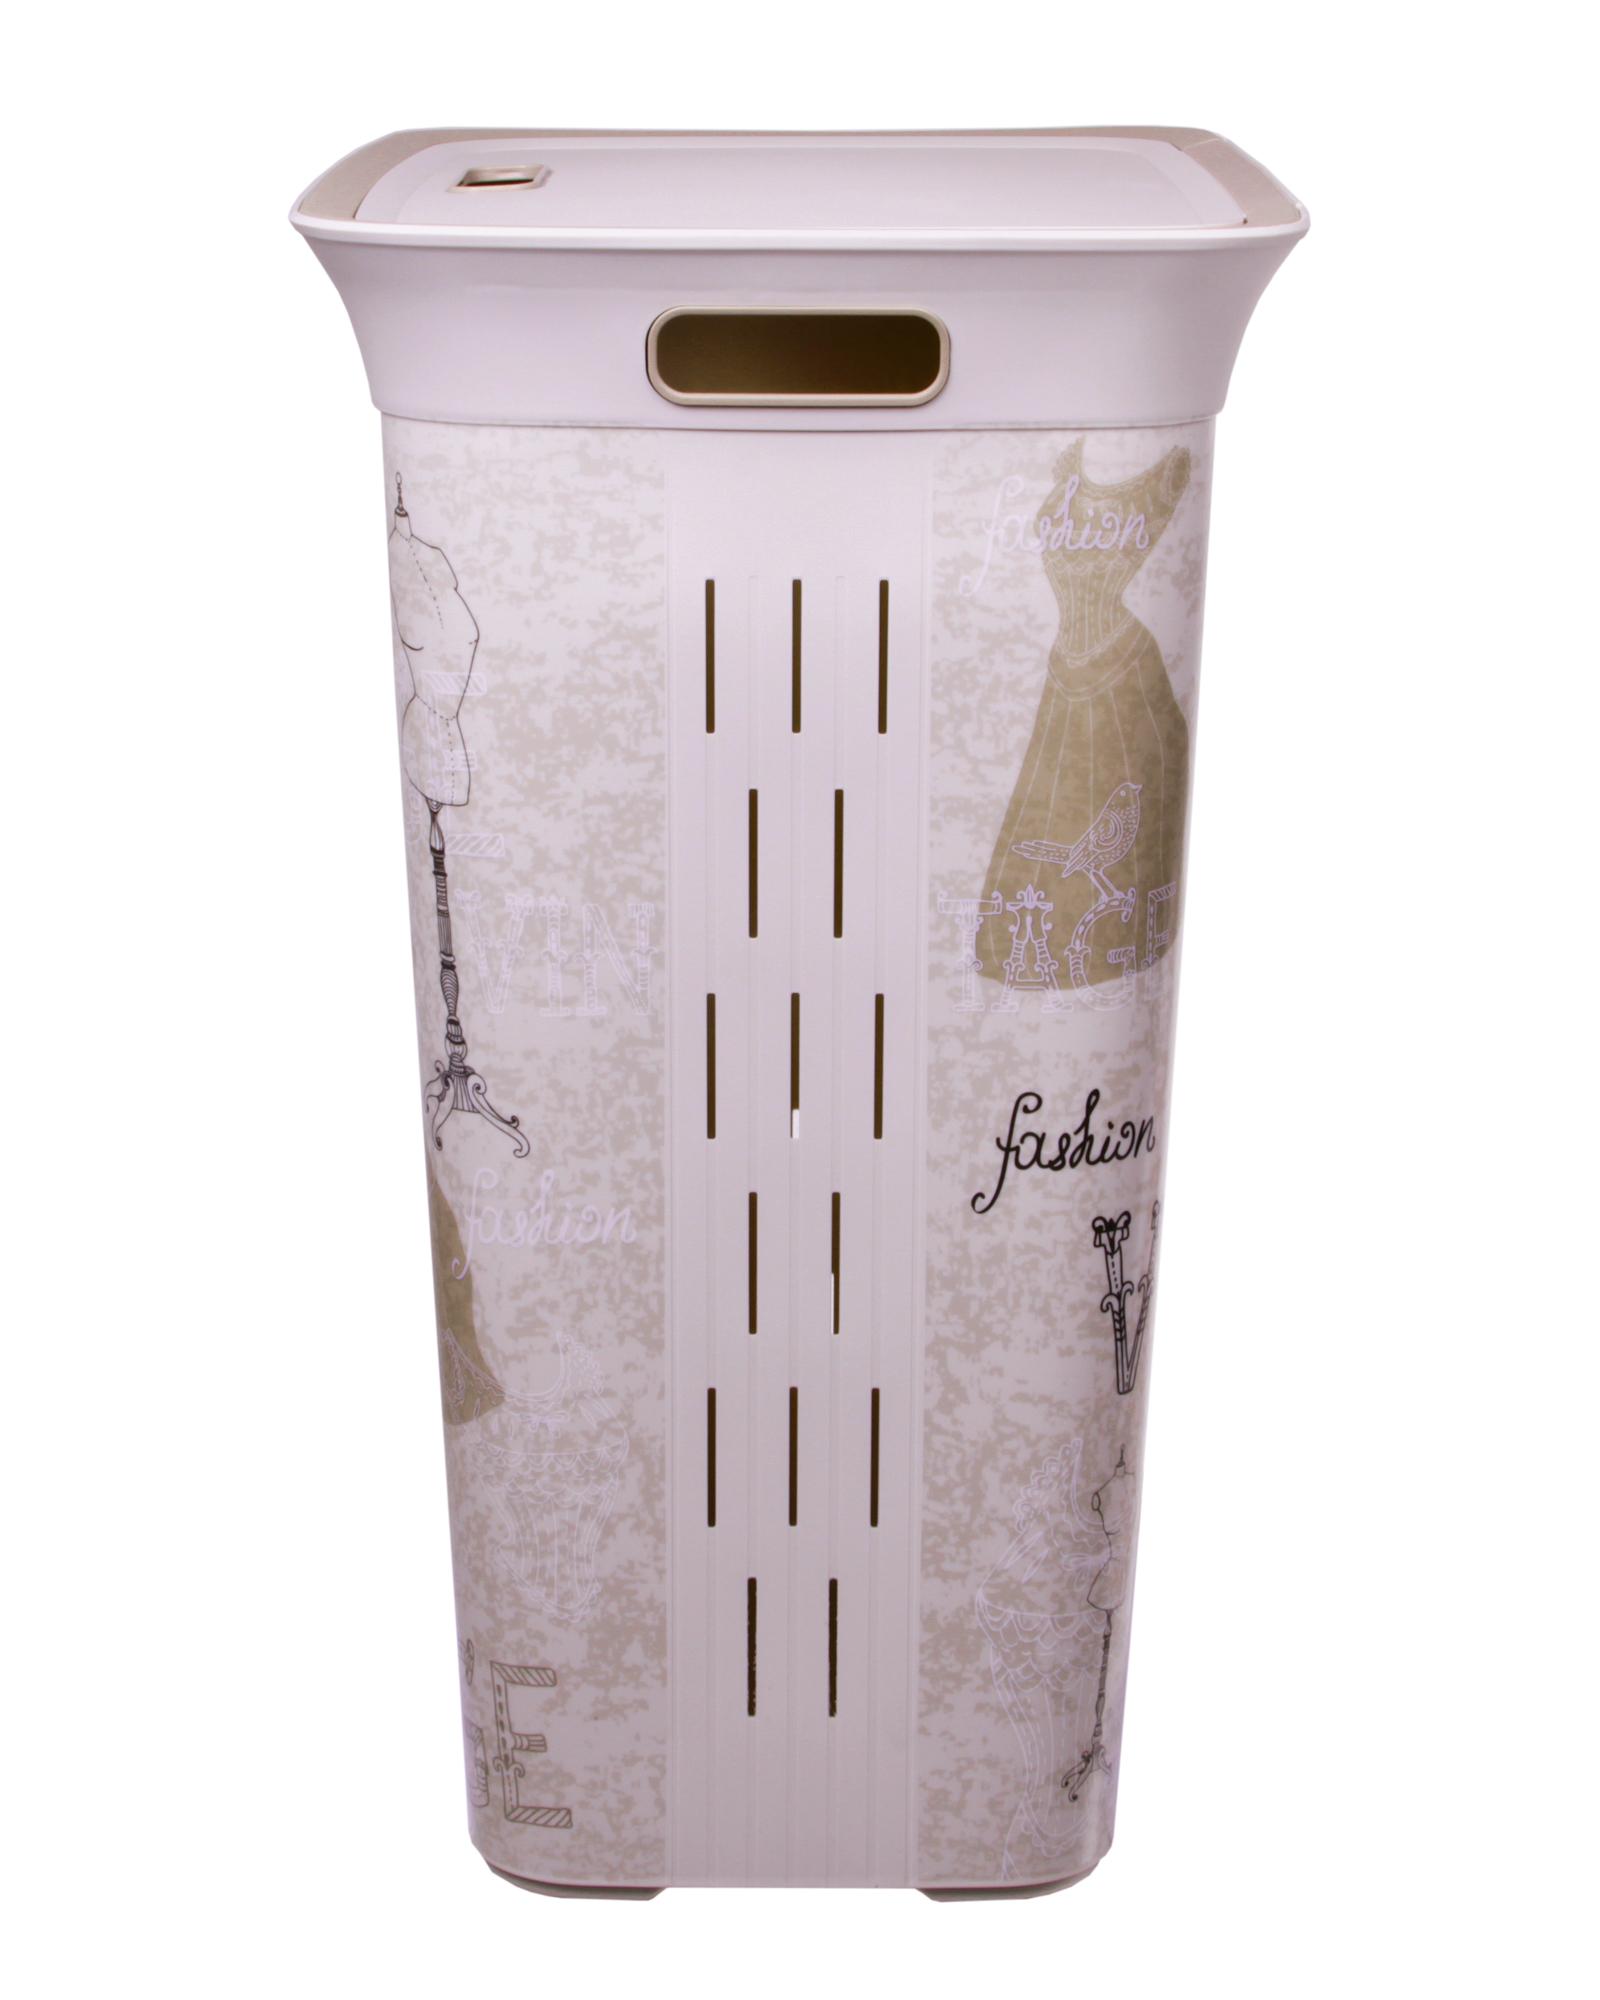 Wäschekorb Vintage ondis24 wäschekorb wäschebox moda vintage 60 l günstig kaufen